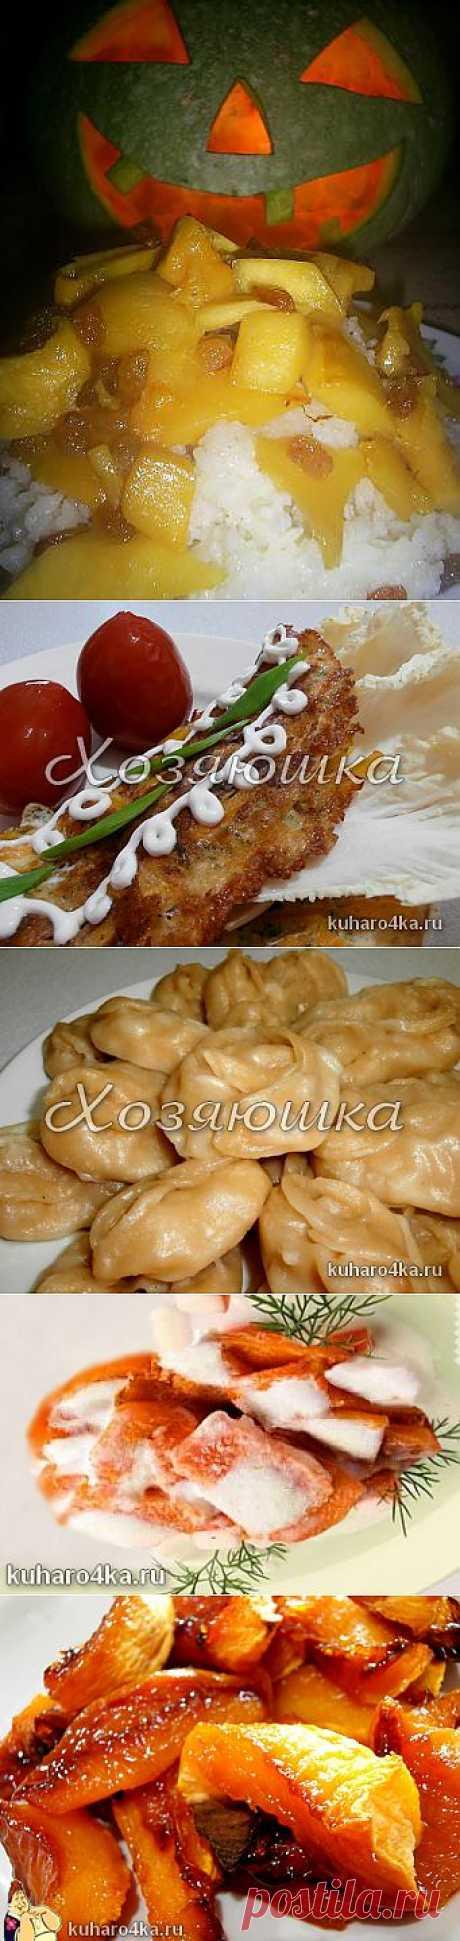 Хозяюшка. Кушать подано! - Блюда из тыквы. Очень много простых и вкусных рецептов!